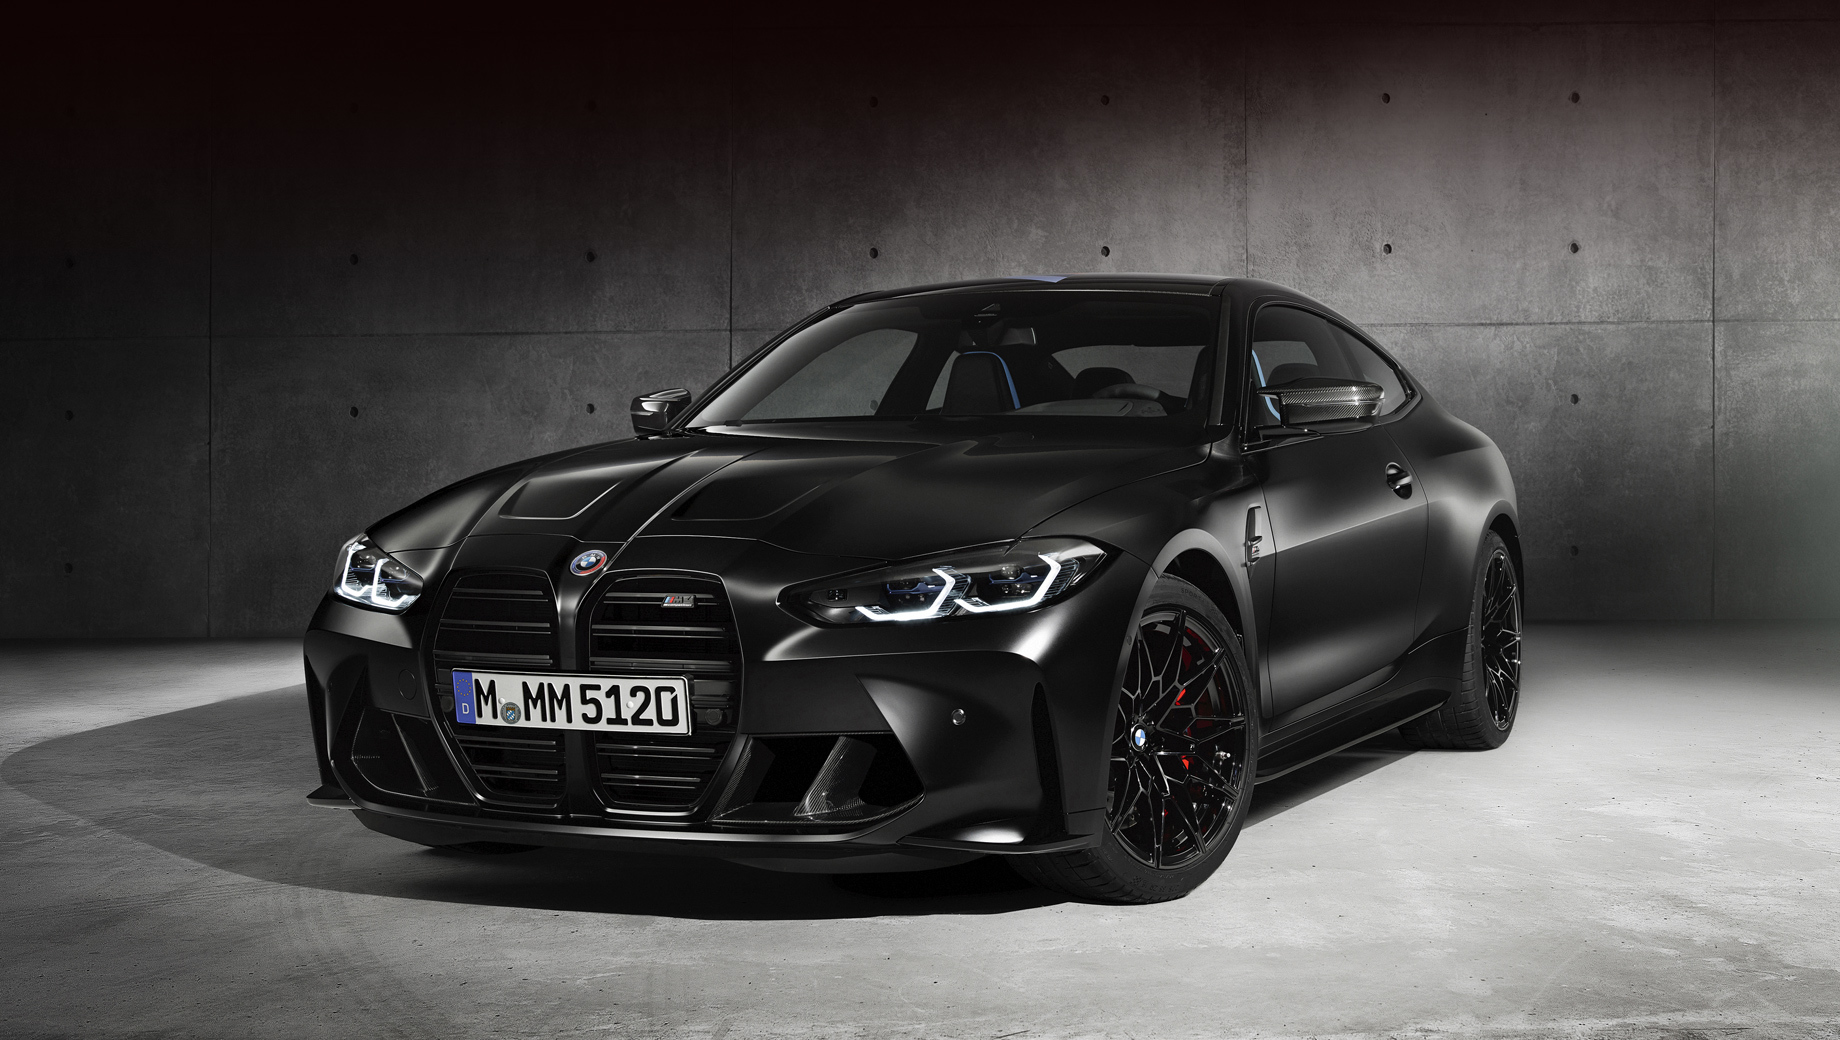 Bmw 4,Bmw m4. Купе из особой серии будут доступны исключительно с матовой окраской Frozen Black, Frozen Dark Silver или Frozen Brilliant White в честь трёх самых популярных цветов для BMW E30 M3.